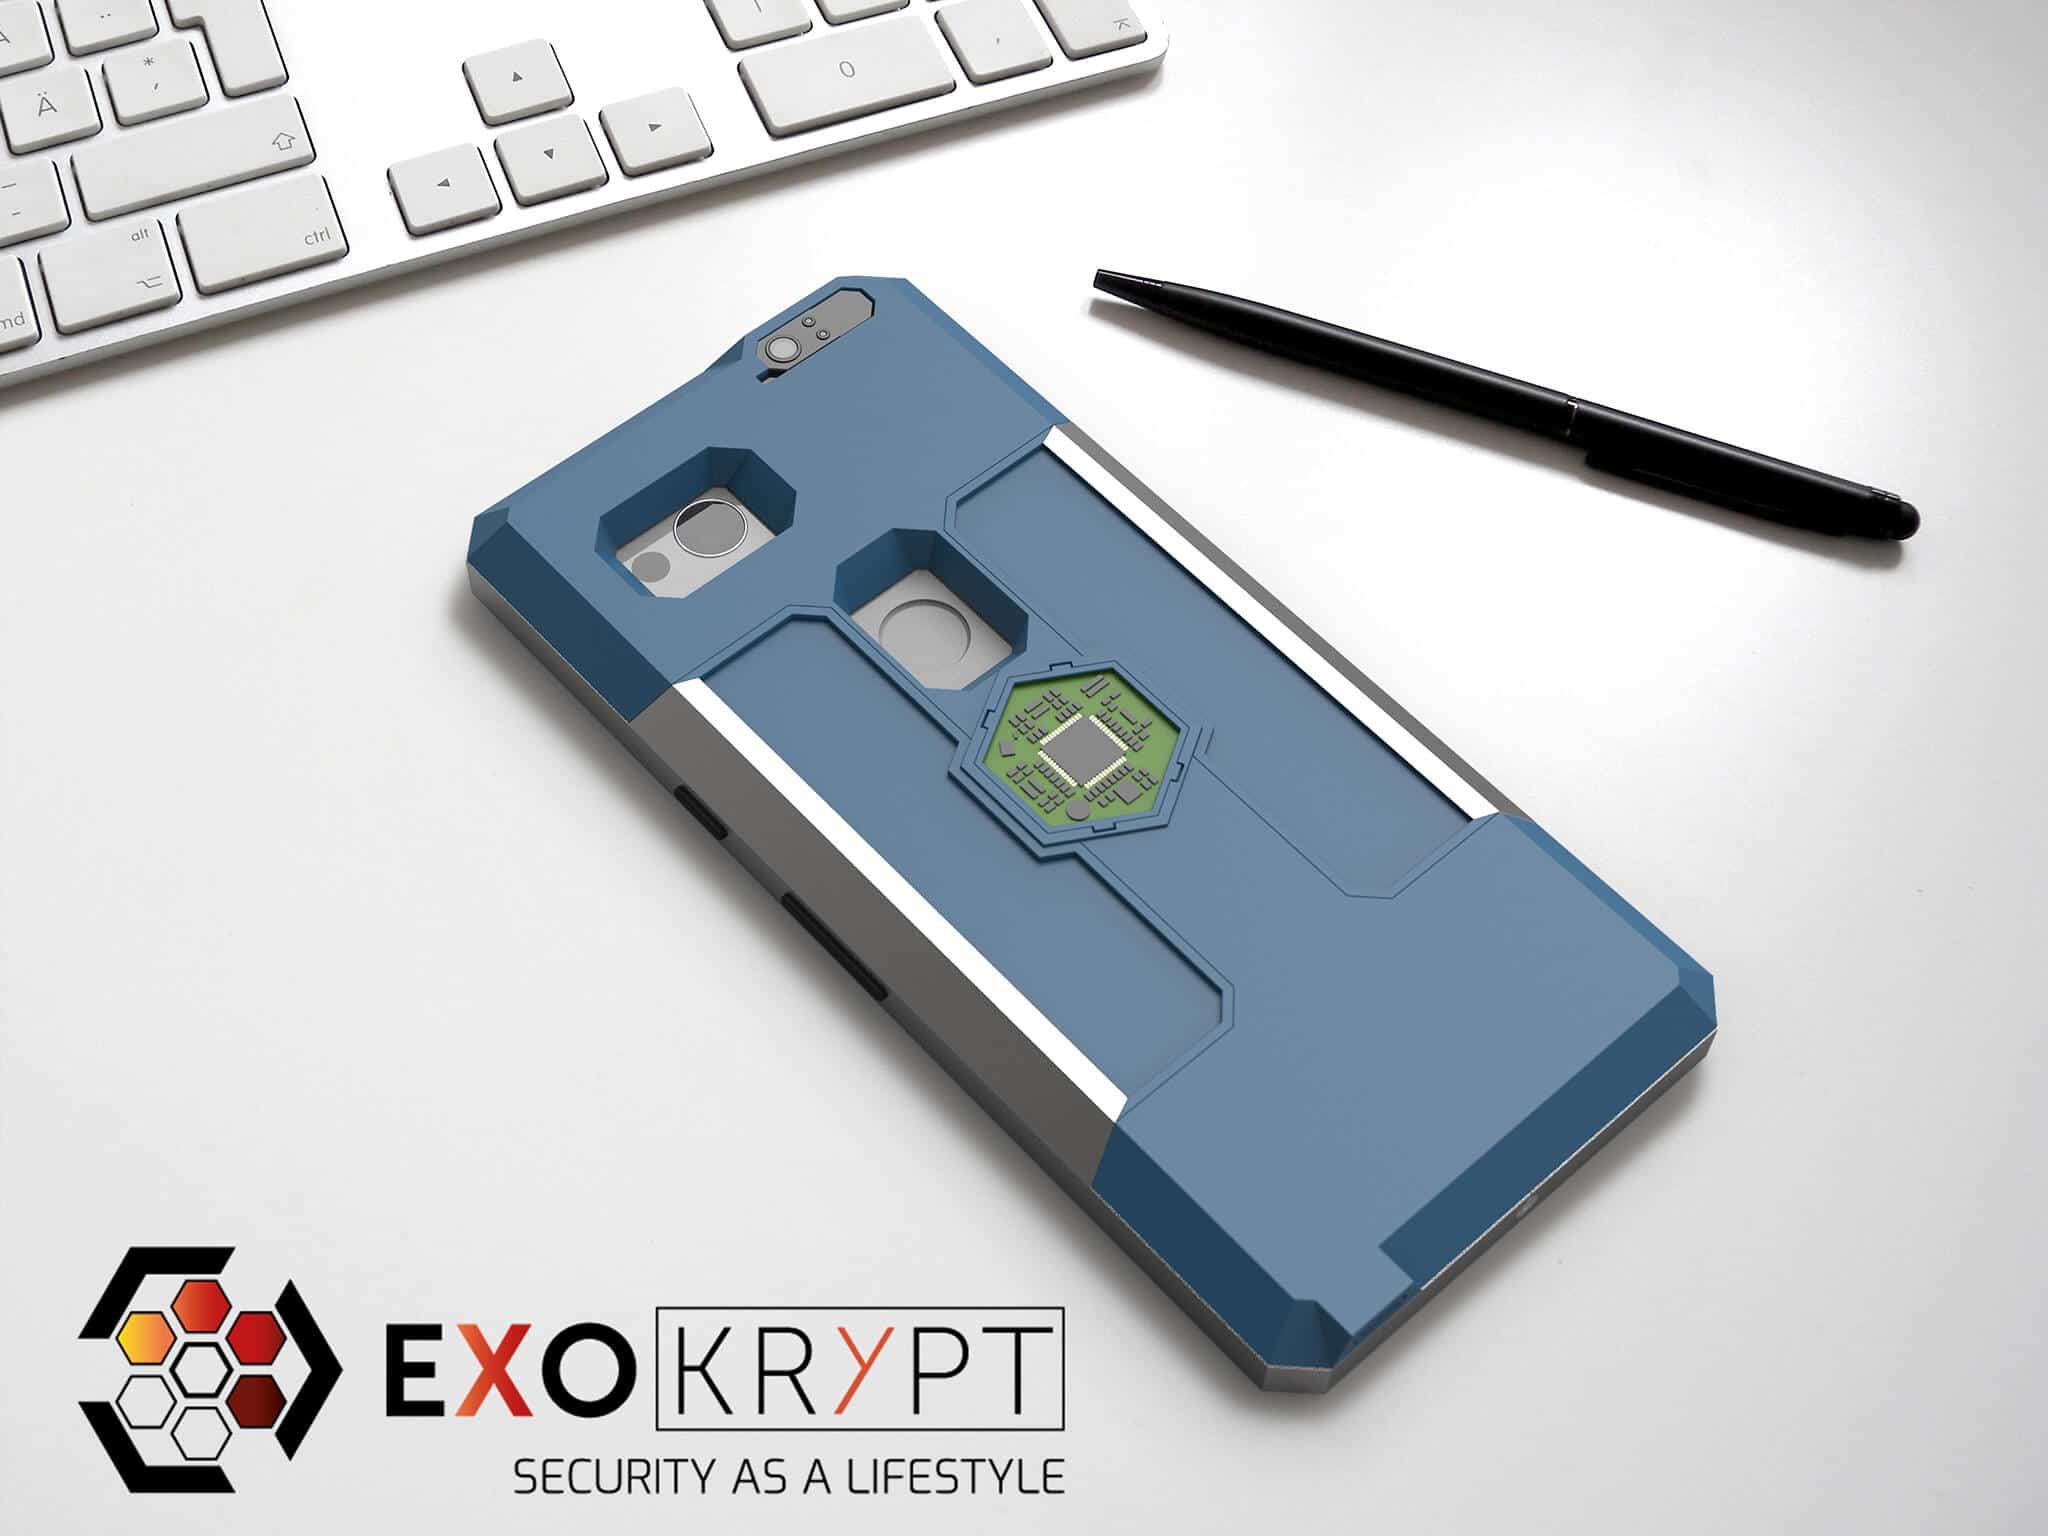 ExoShield BUSINESS Smartphone Case - Brushed Metal Frame - Blaue Inlets - Blaues Case auf einem Tisch auf einem Papierblatt liegend mit Kugelschreiber daneben, Mac Tastatur darüber